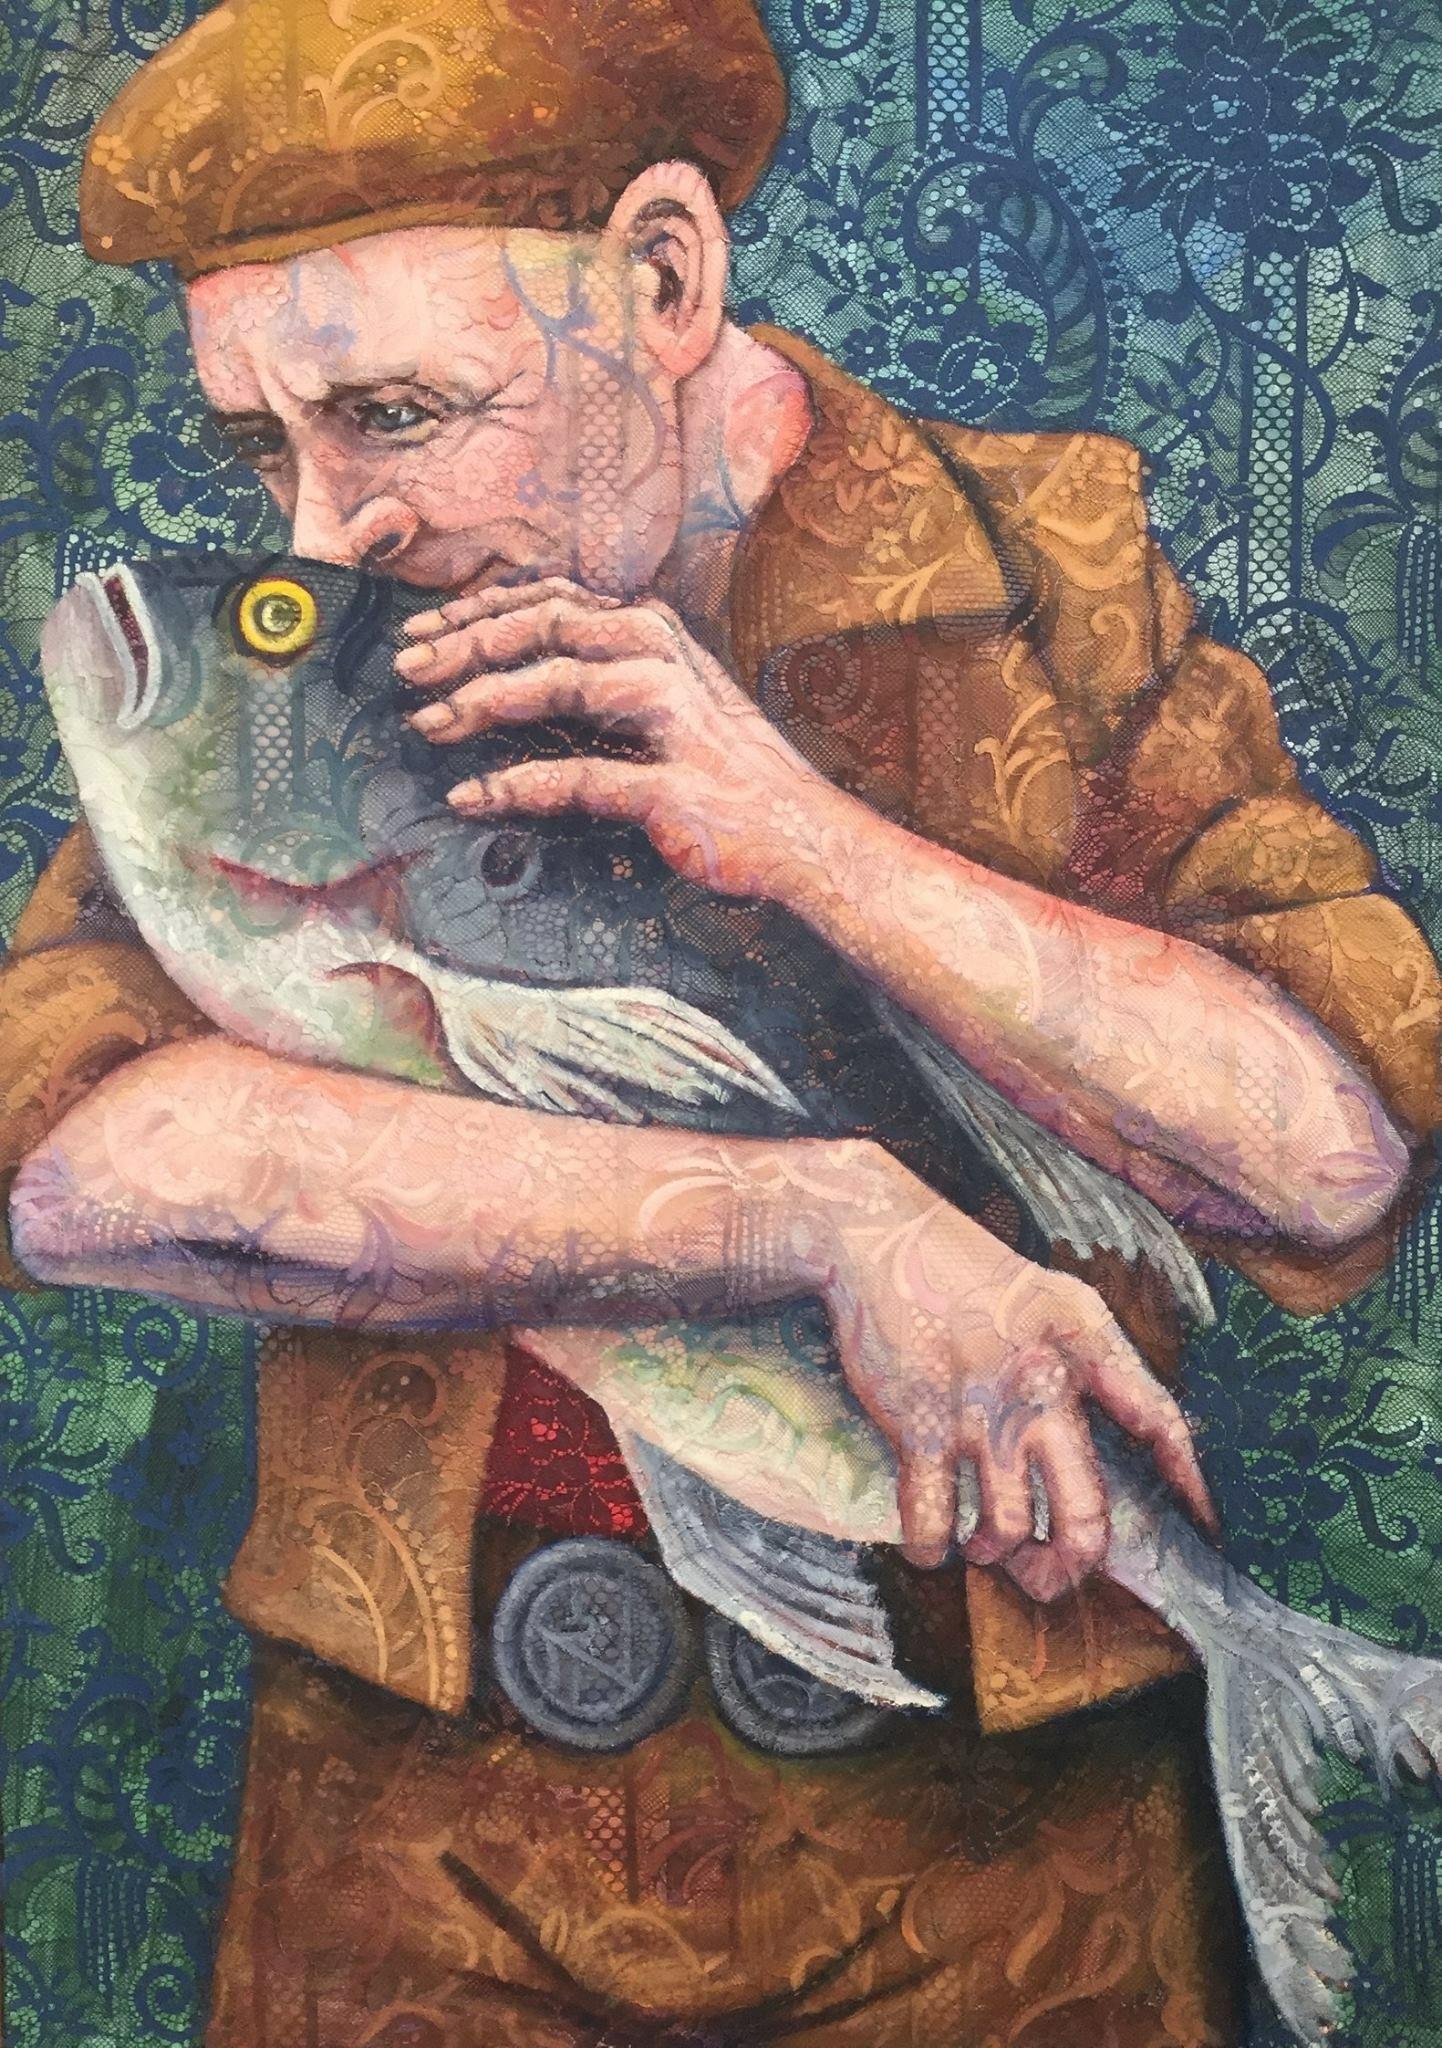 © Els Hoonhout - Zilte zoen, olie op kant en canvas, 100 x 70 cm